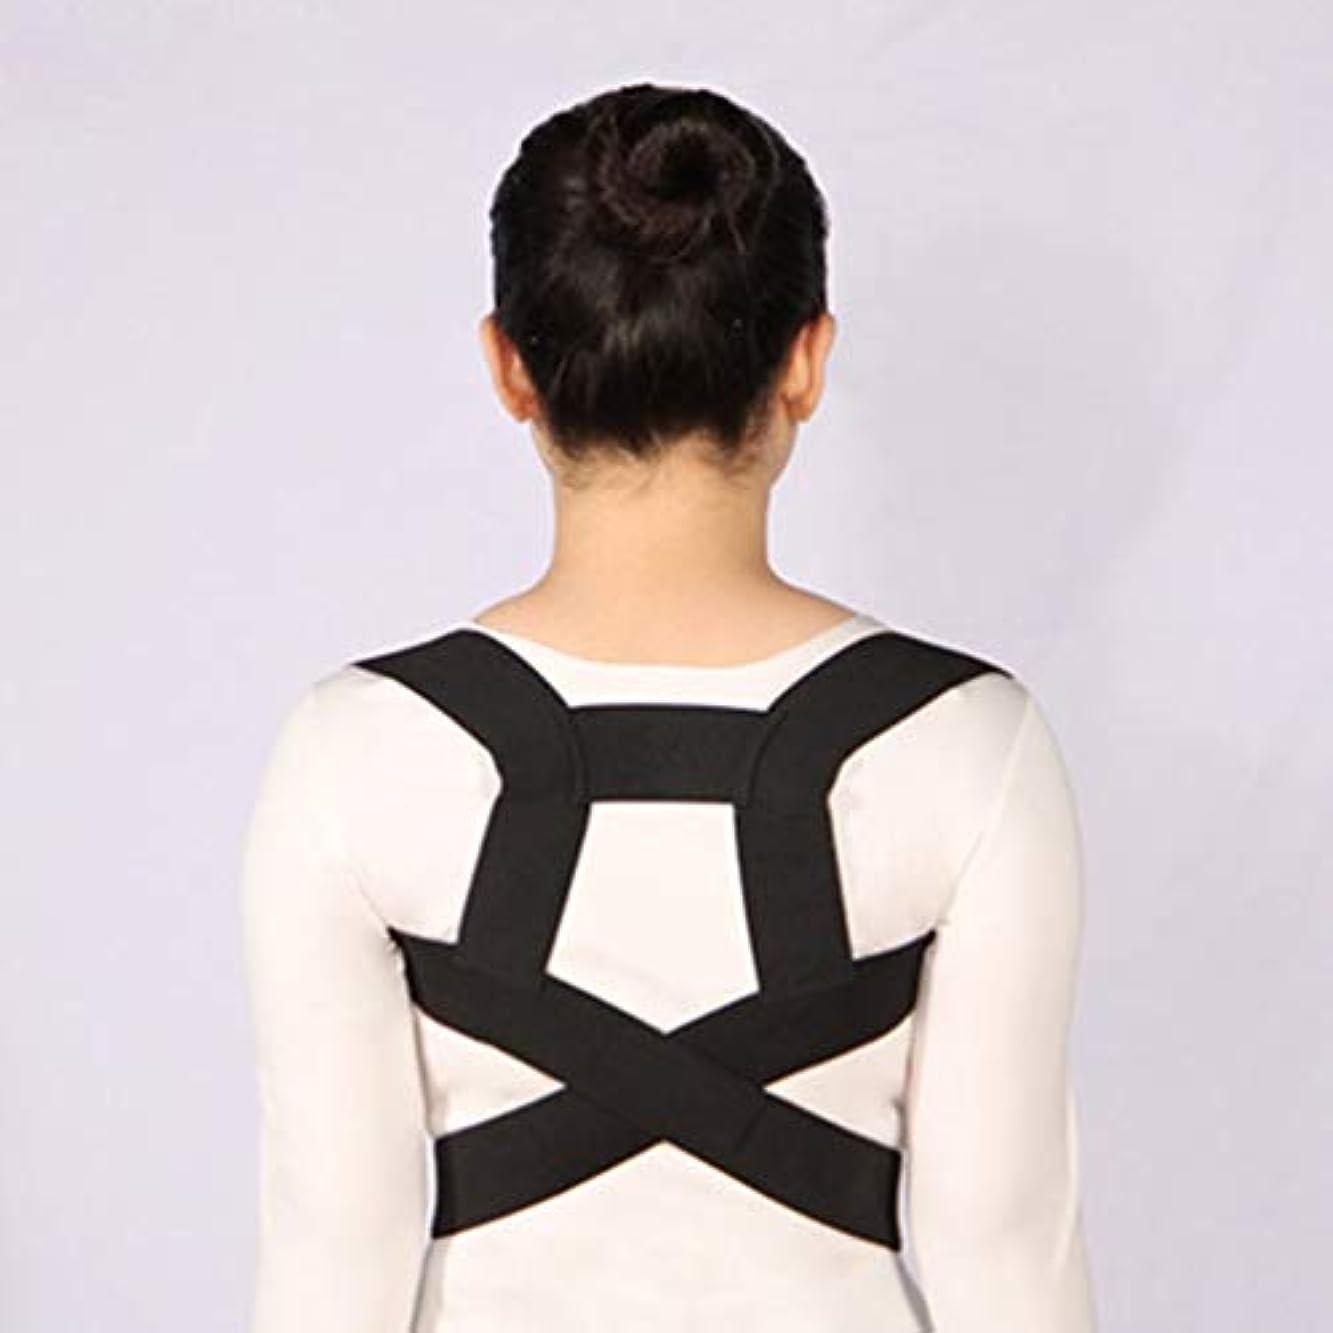 パワーセル刻む長くする姿勢矯正側弯症ザトウクジラ補正ベルト調節可能な快適さ目に見えないベルト男性女性大人シンプル - 黒